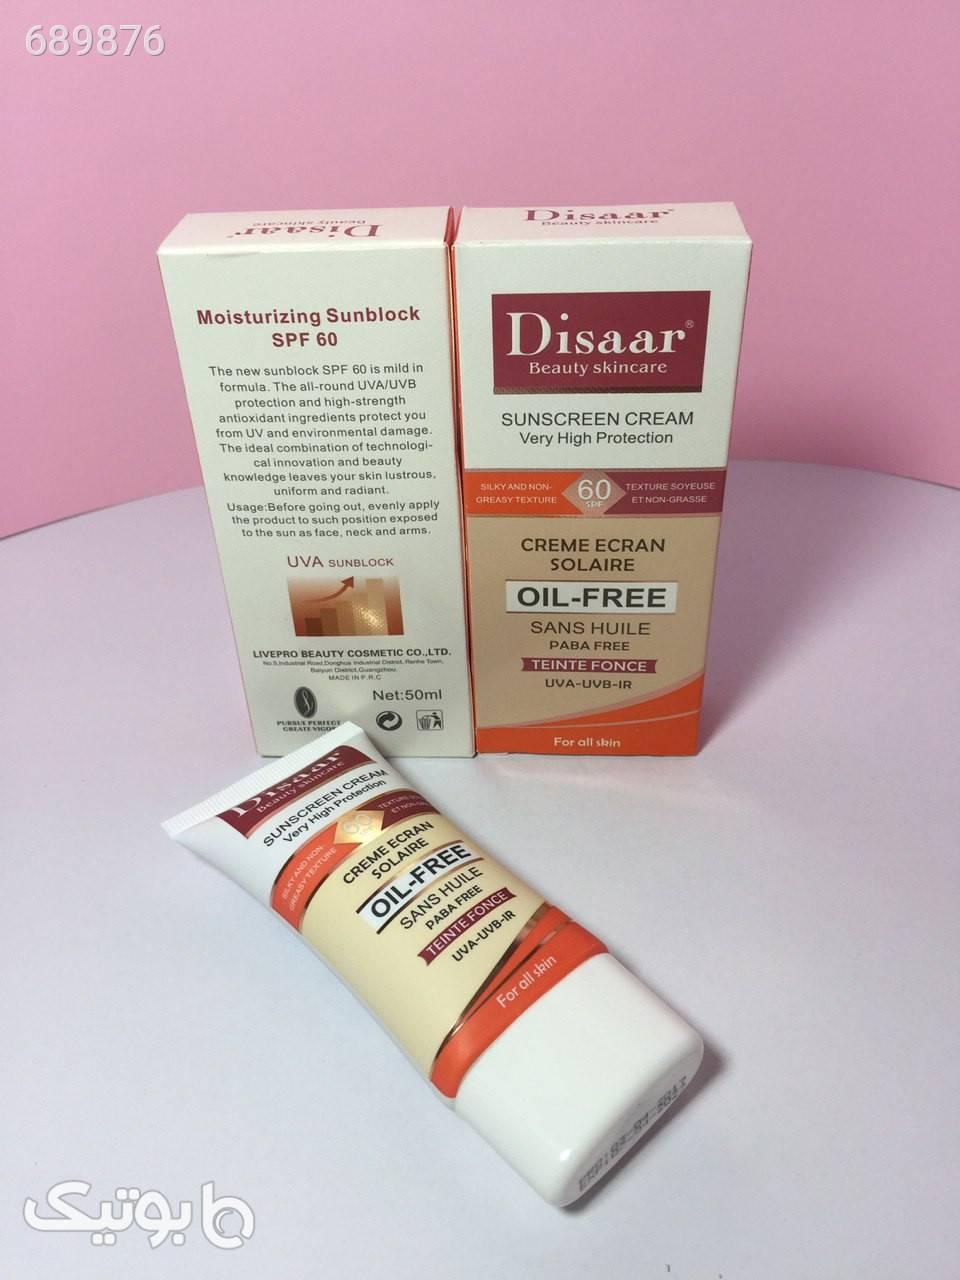 ضدافتاب دیسار کرم بهداشت و مراقبت پوست